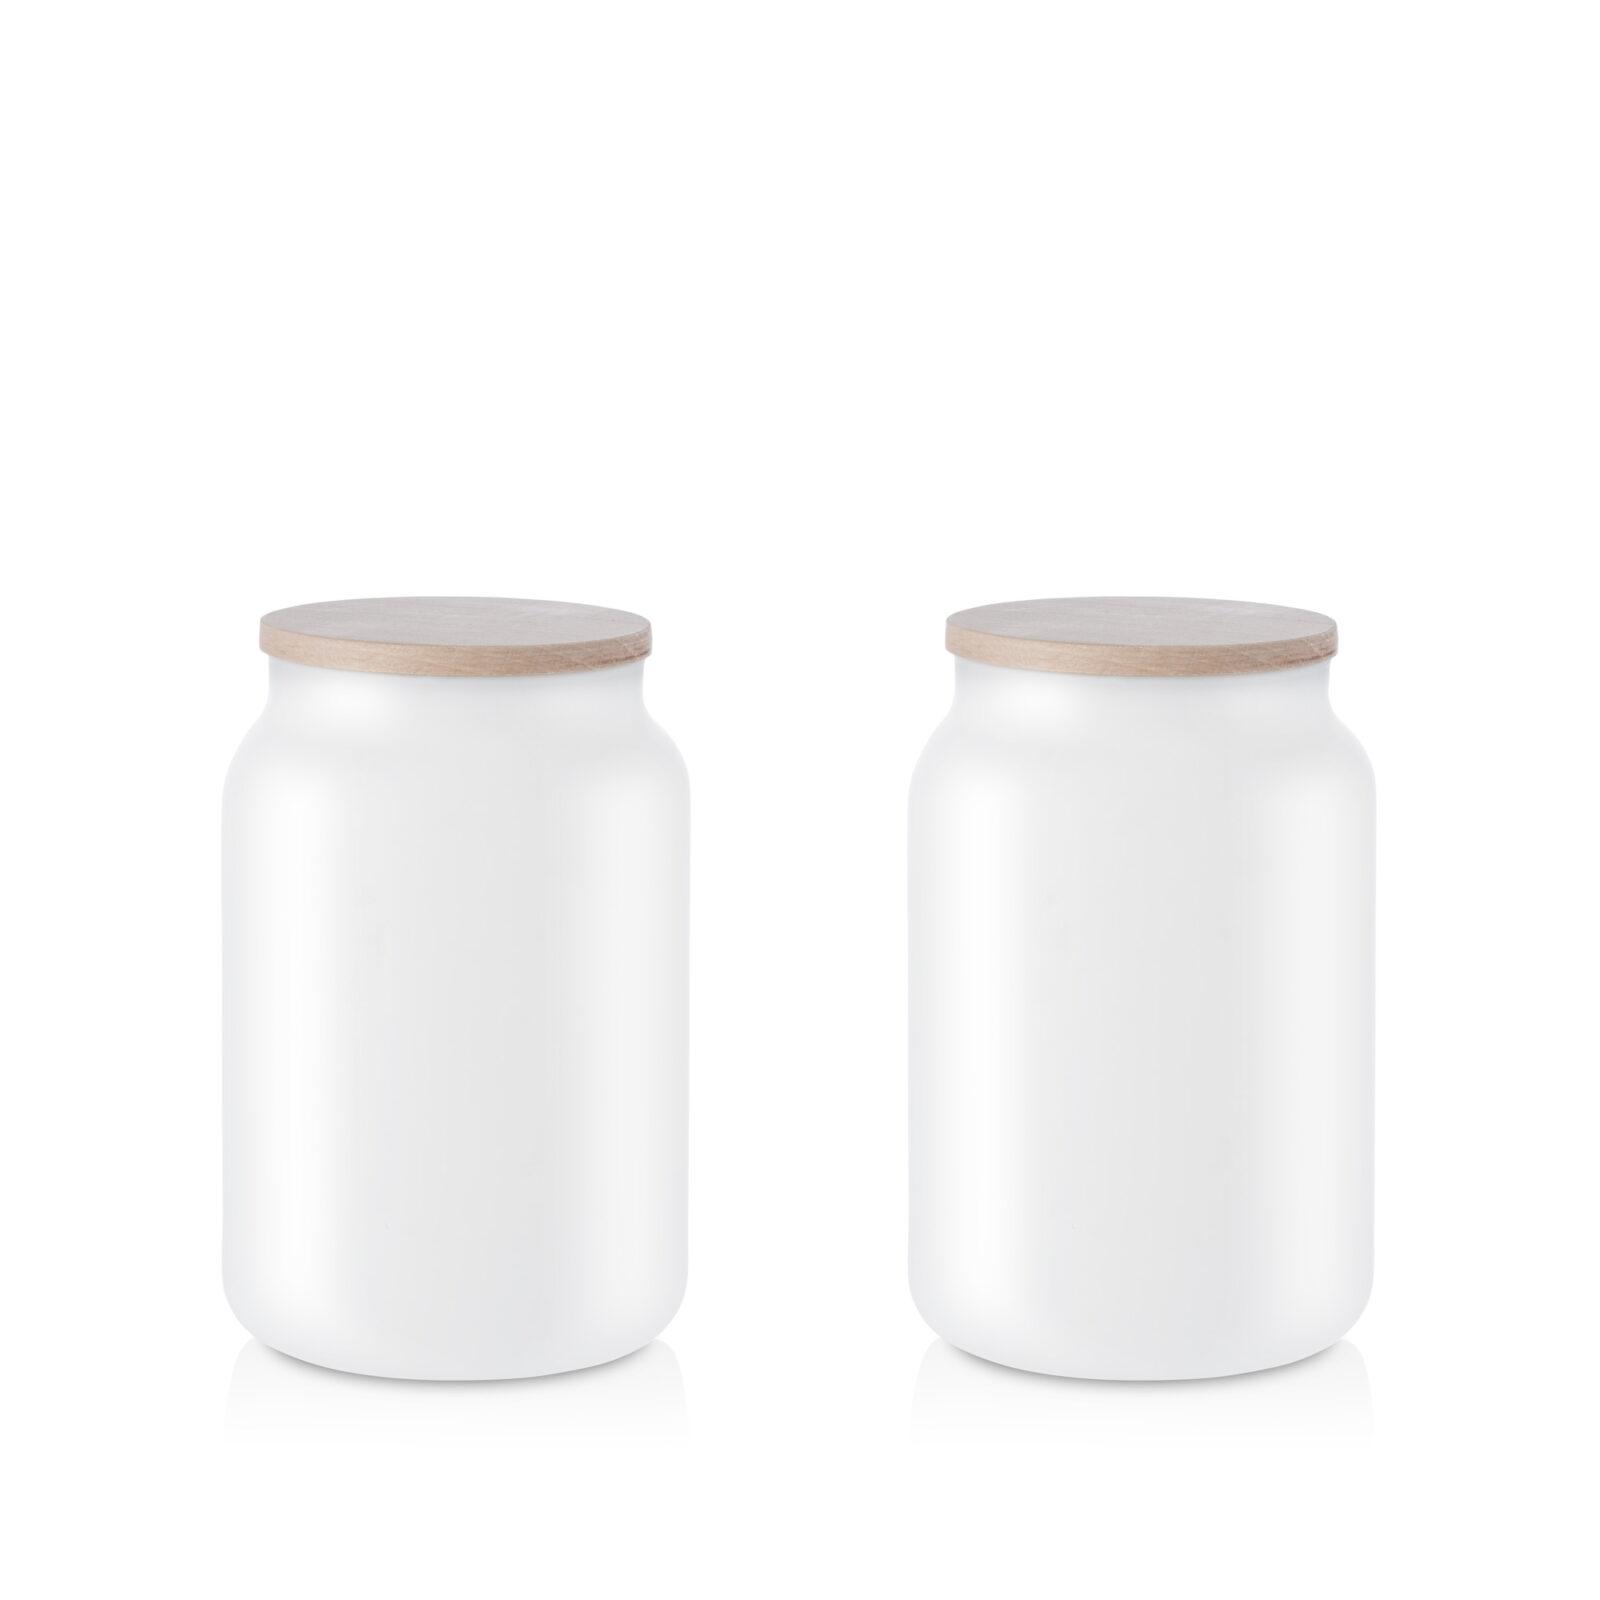 Pojemnik szklany na żywność biały z pokrywką kpl 2 0,9l